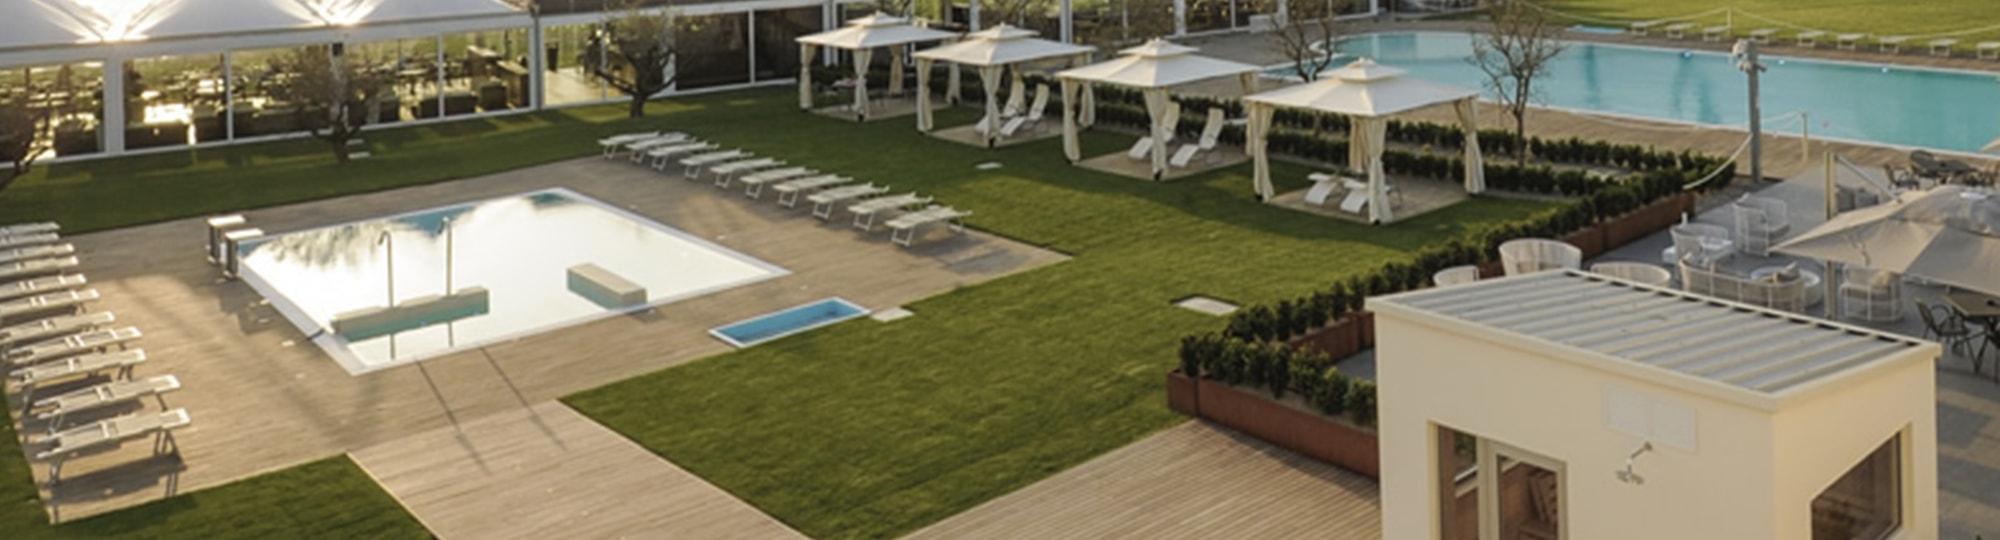 Vue de l'hotel Seven Park Hotel 4* à Colico